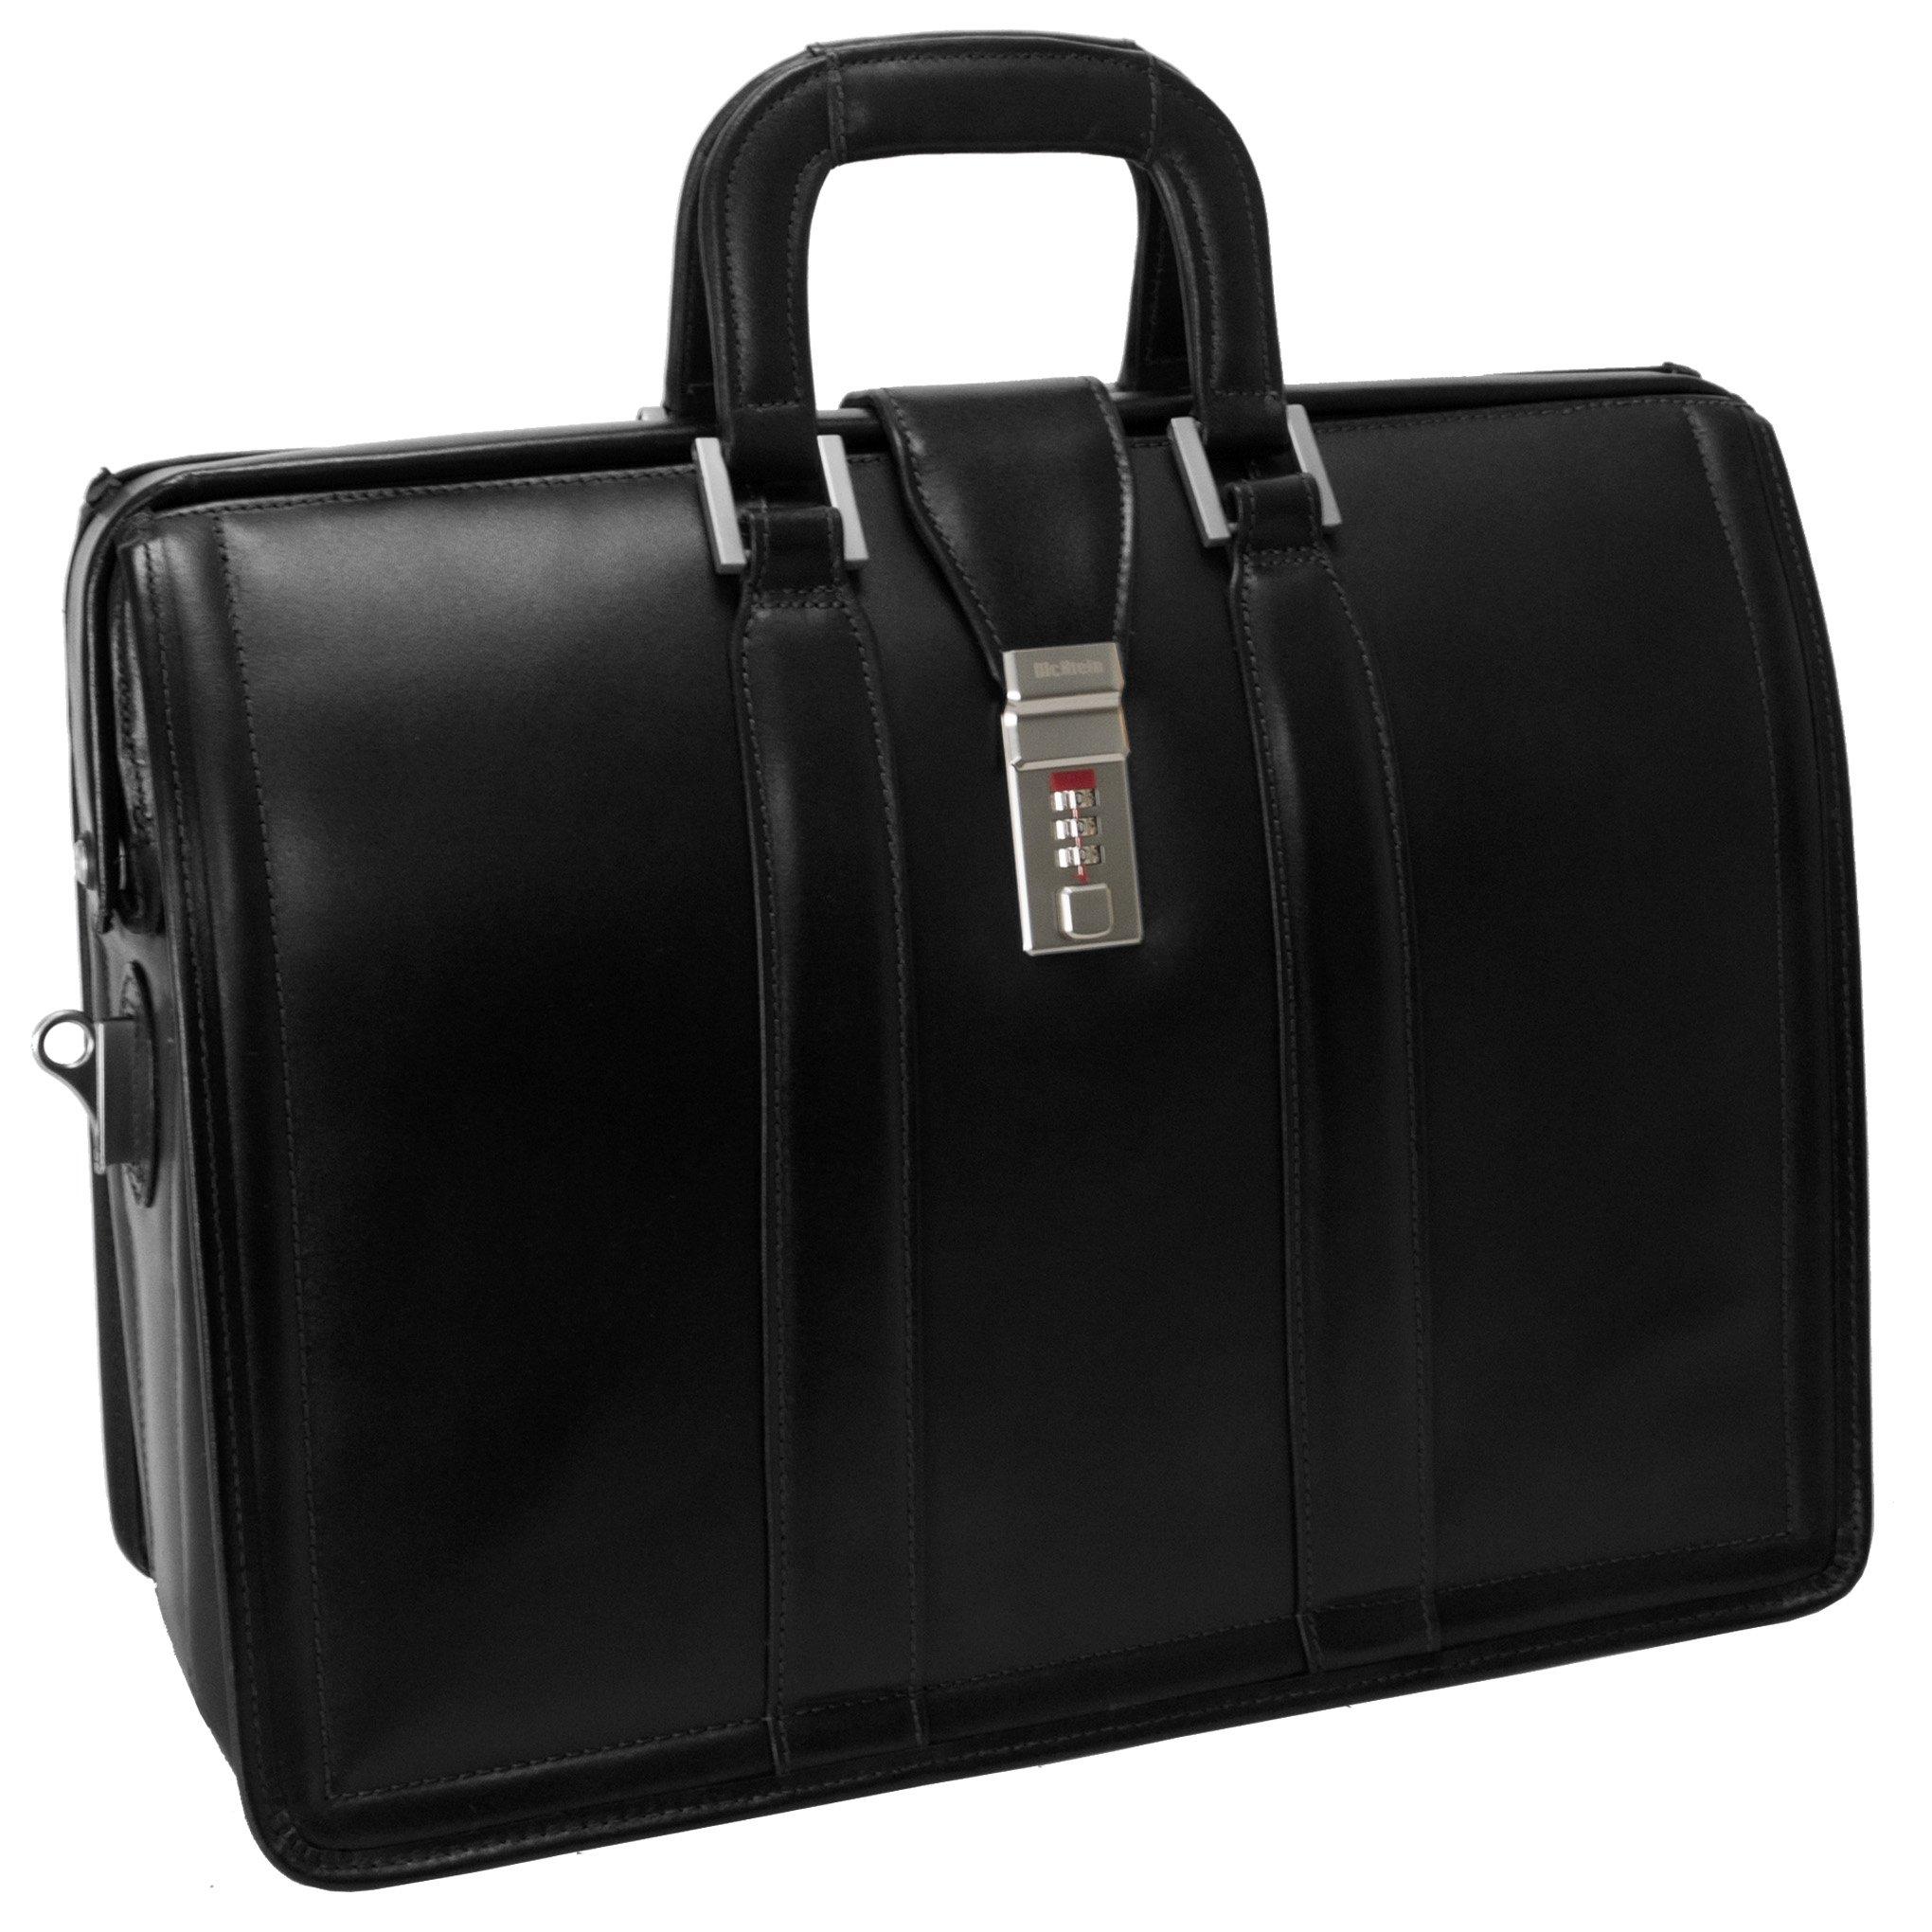 McKleinUSA MORGAN 83345 Black 17 Litigator Laptop Brief by McKleinUSA